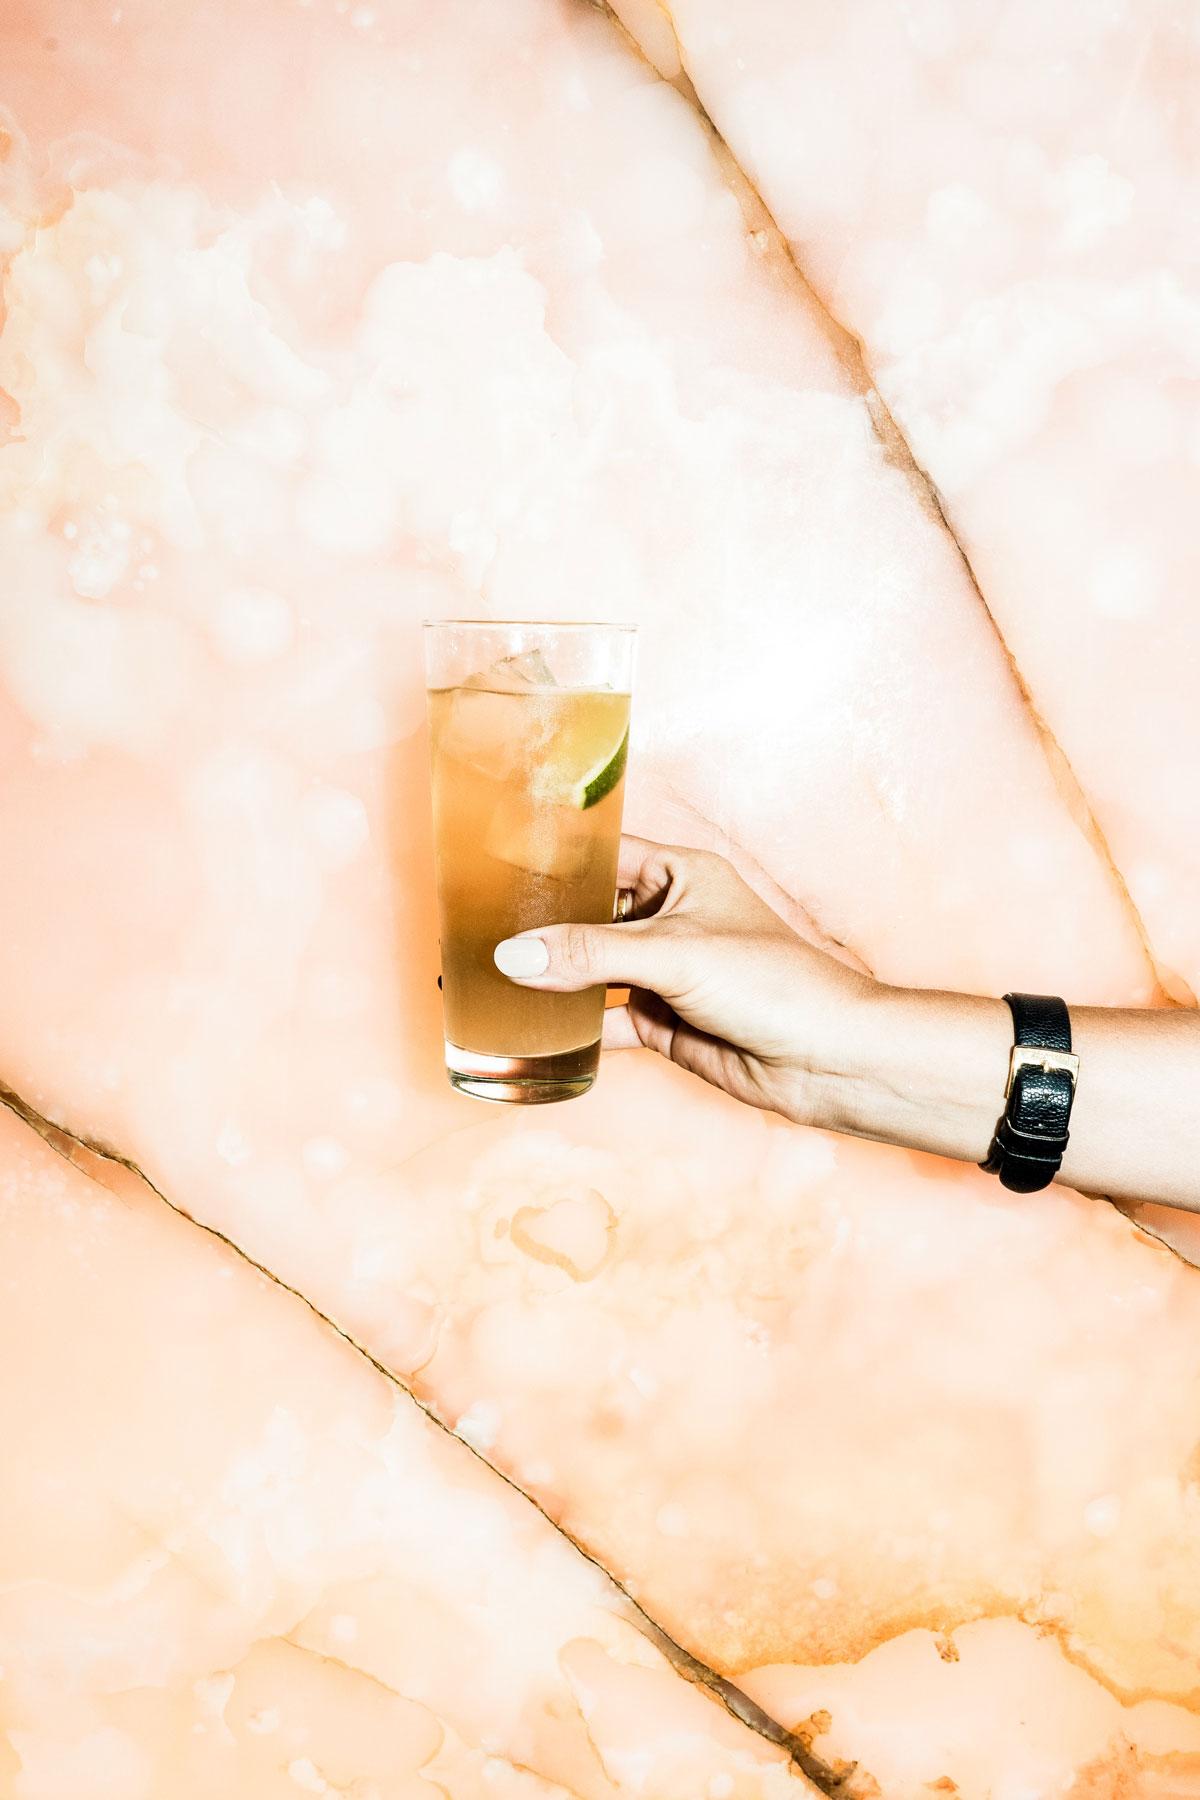 Versa Bar Bern Ingwer-Limetten Schorle